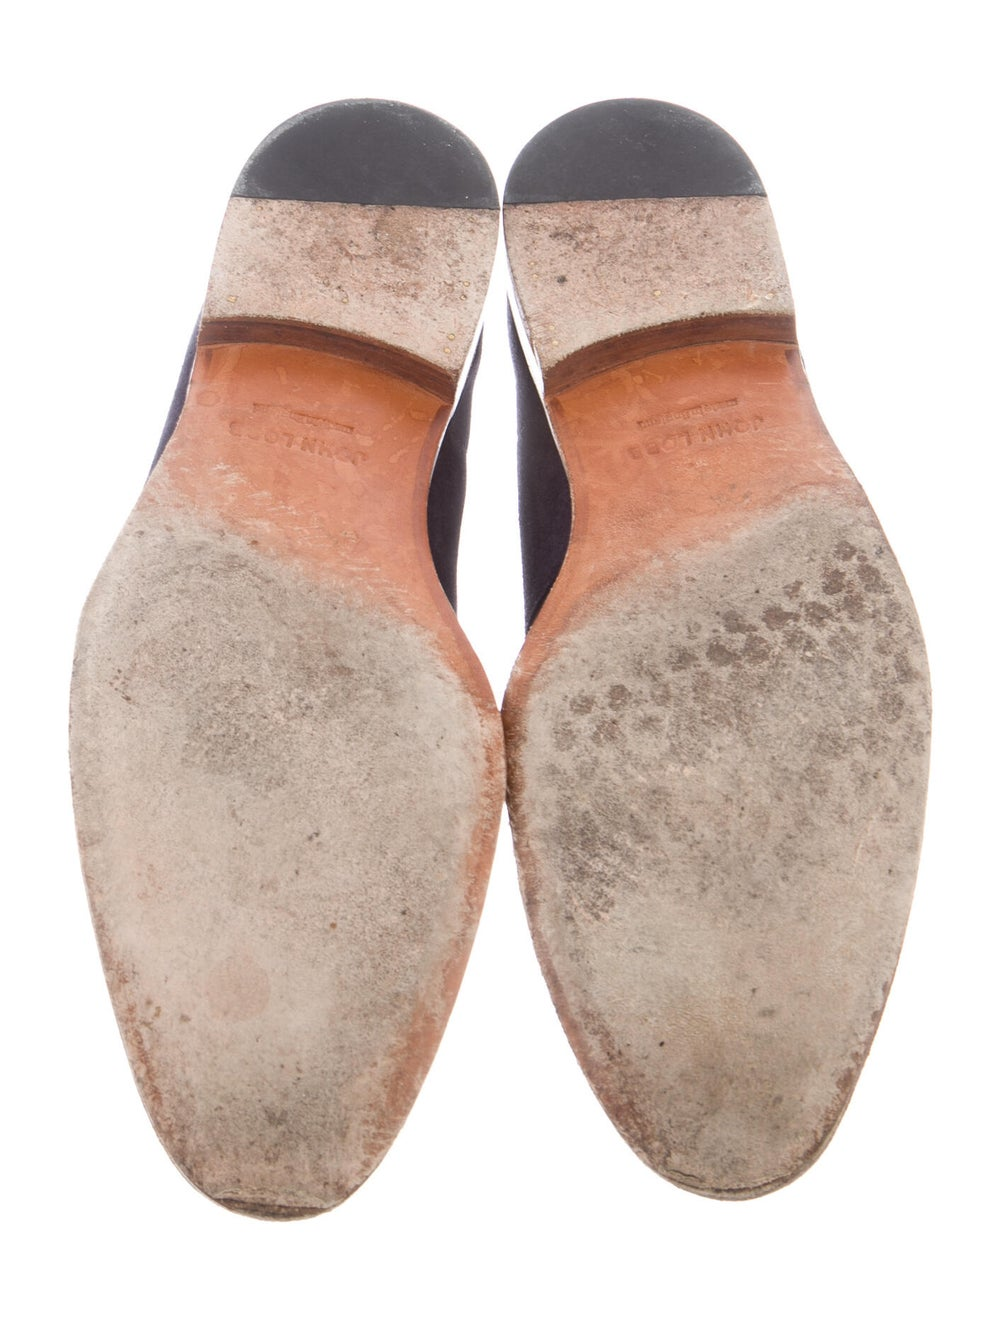 John Lobb Suede Derby Shoes Blue - image 5